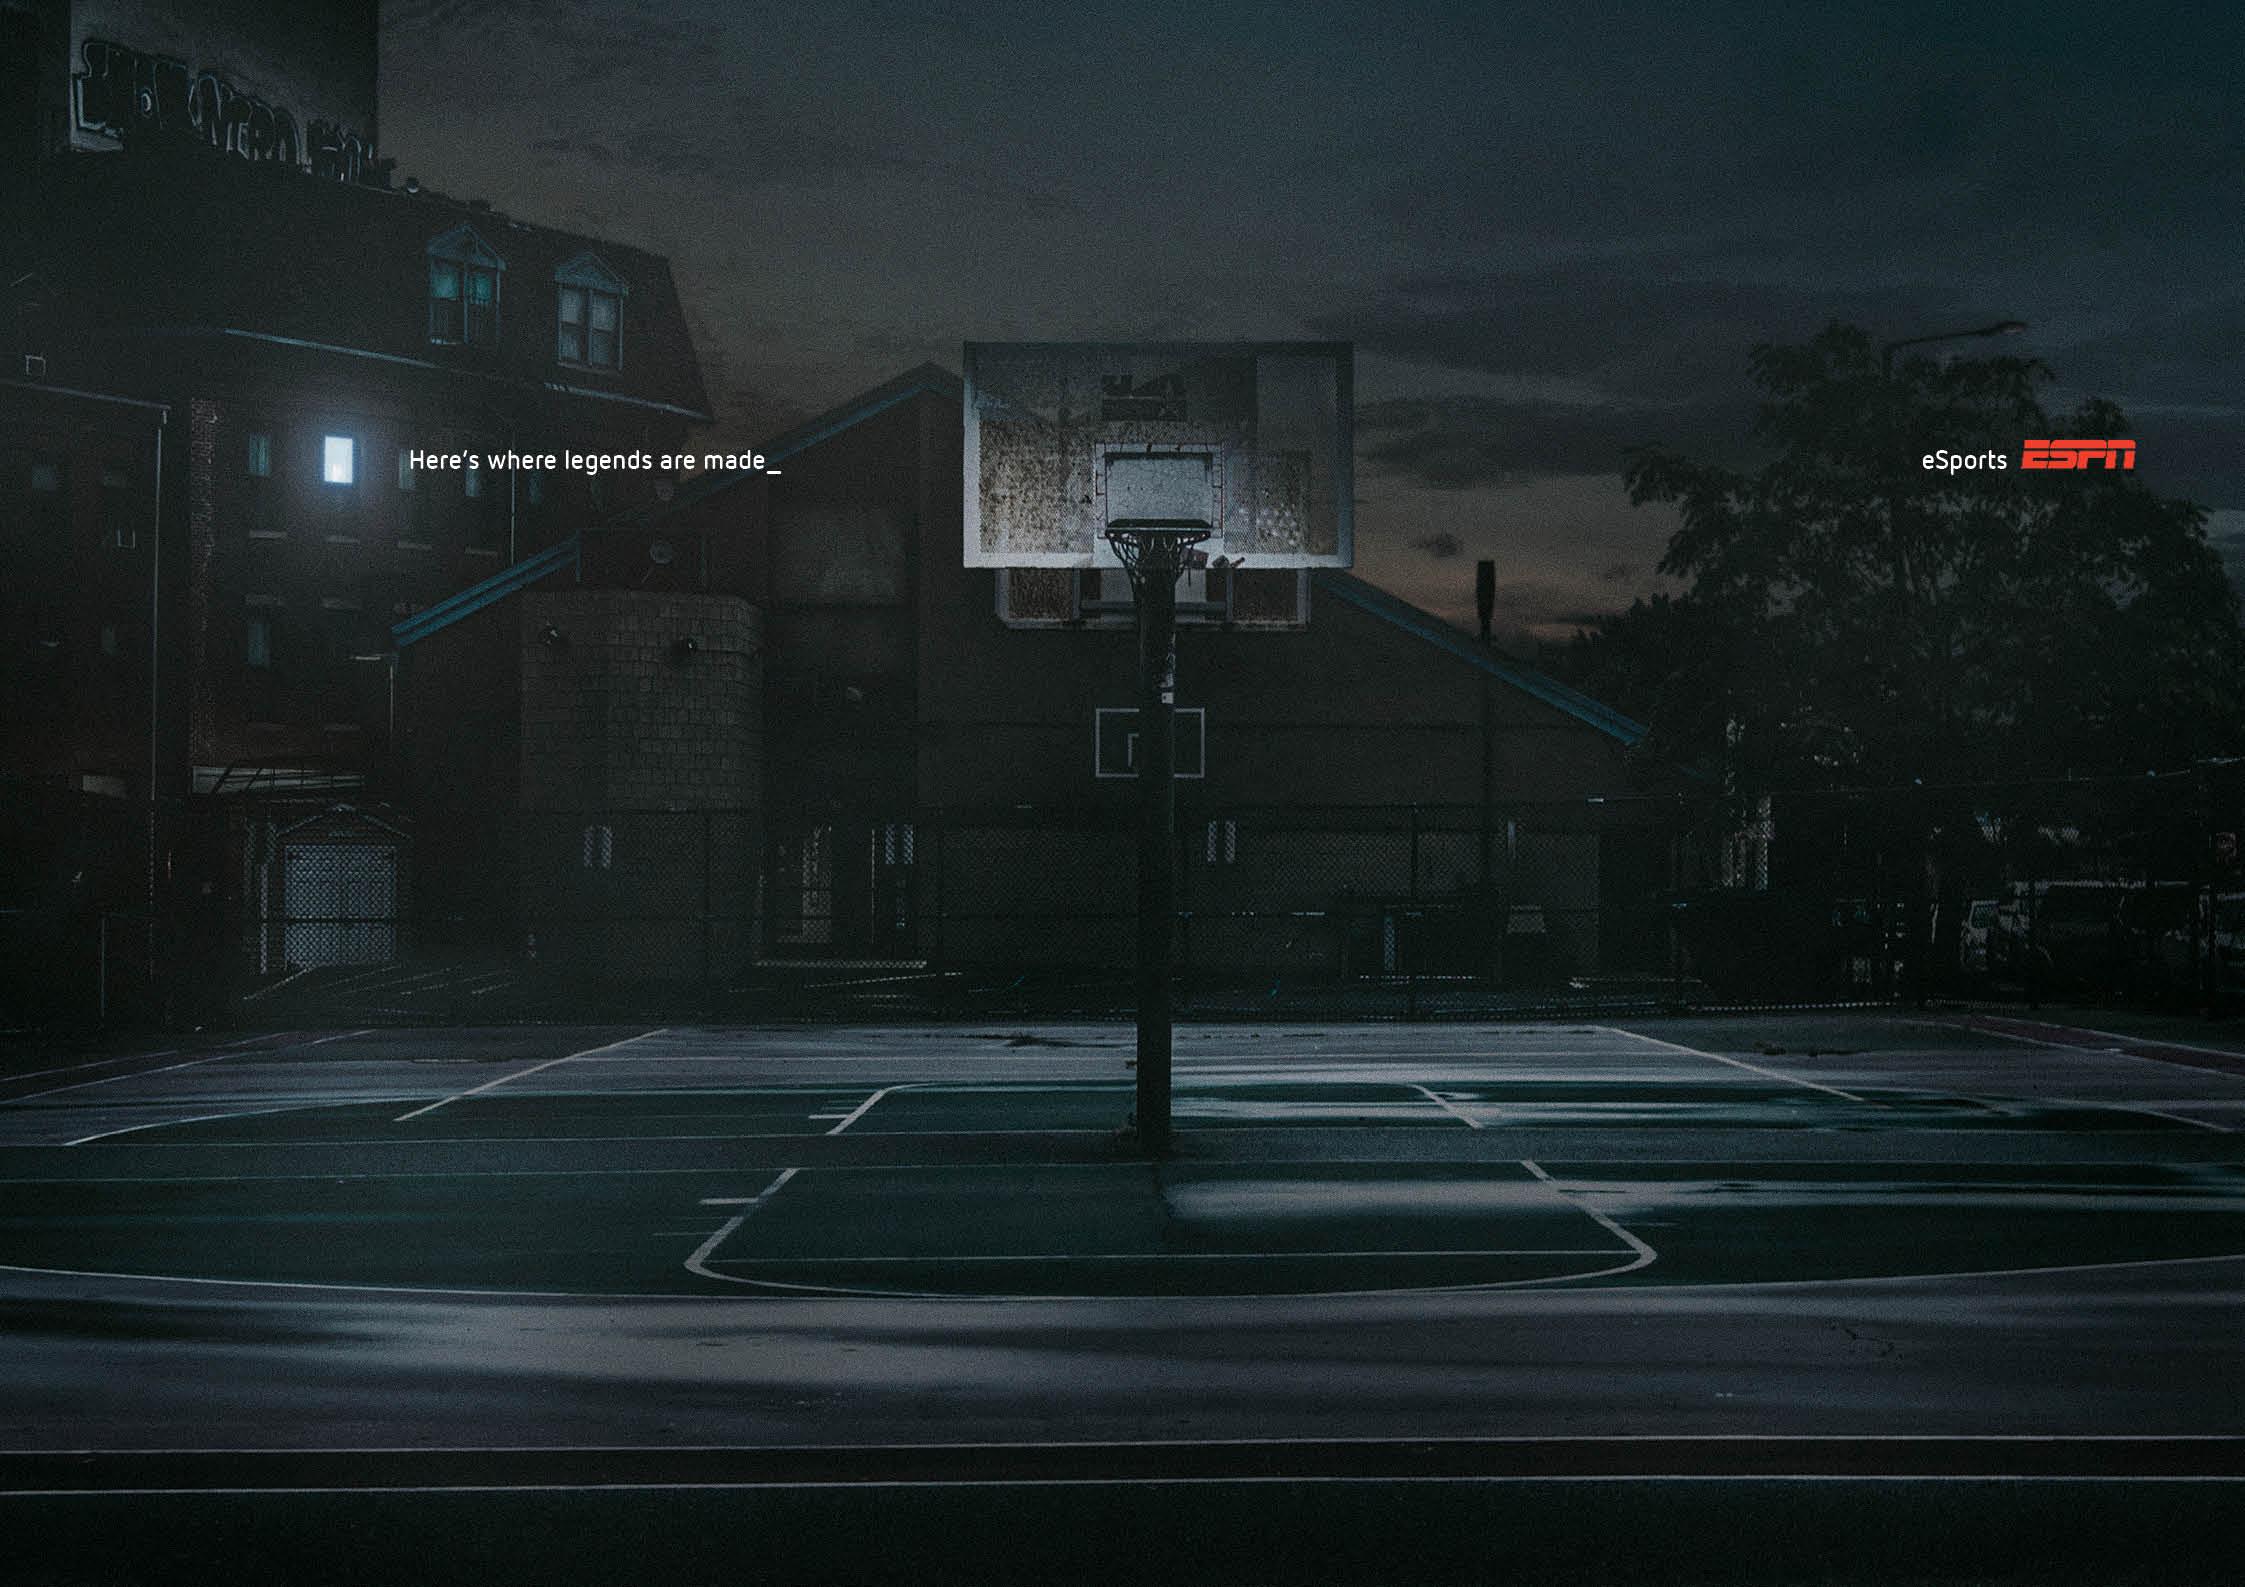 ESPN_eSports_549mmx420mm